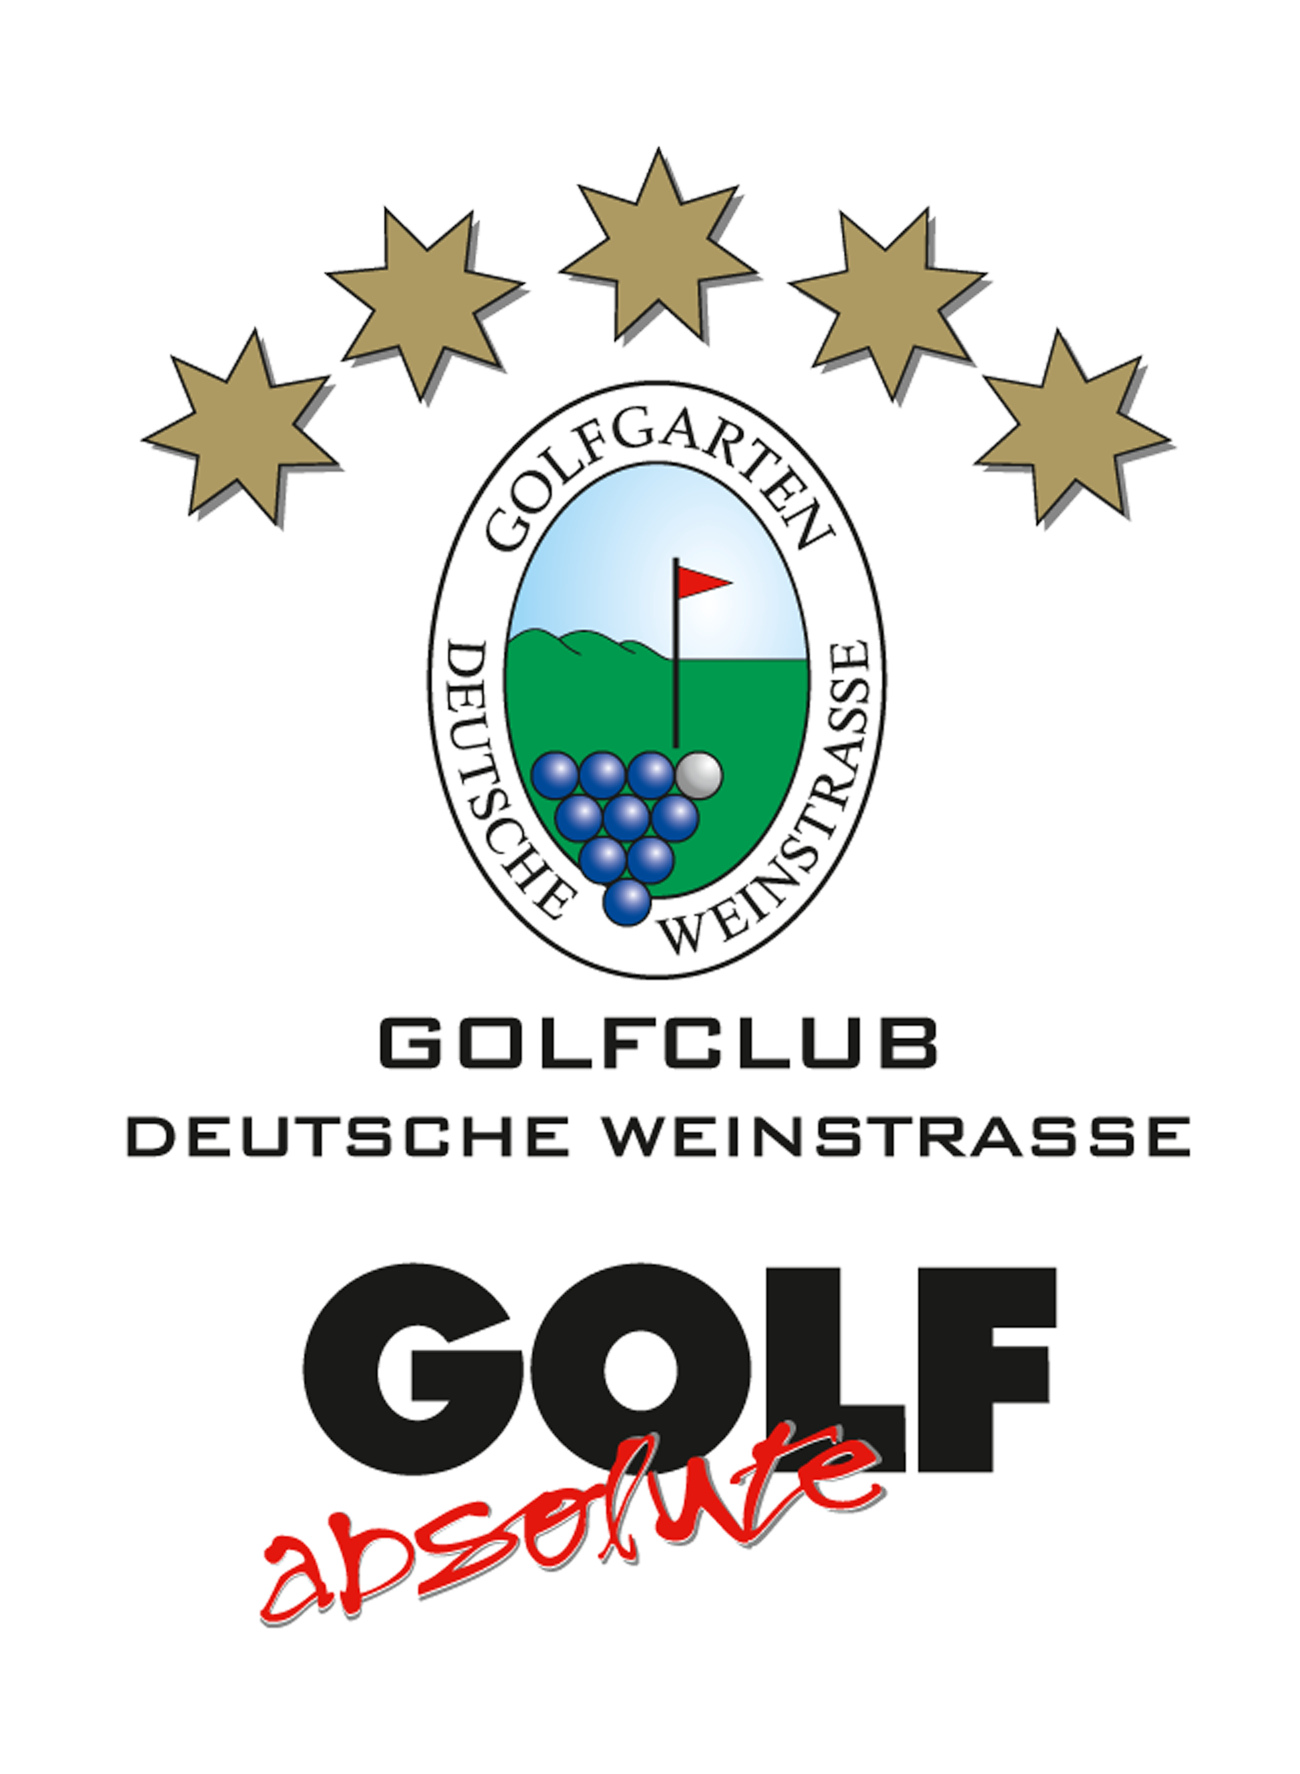 Golfgarten Deutsche Weinstraße in Dackenheim